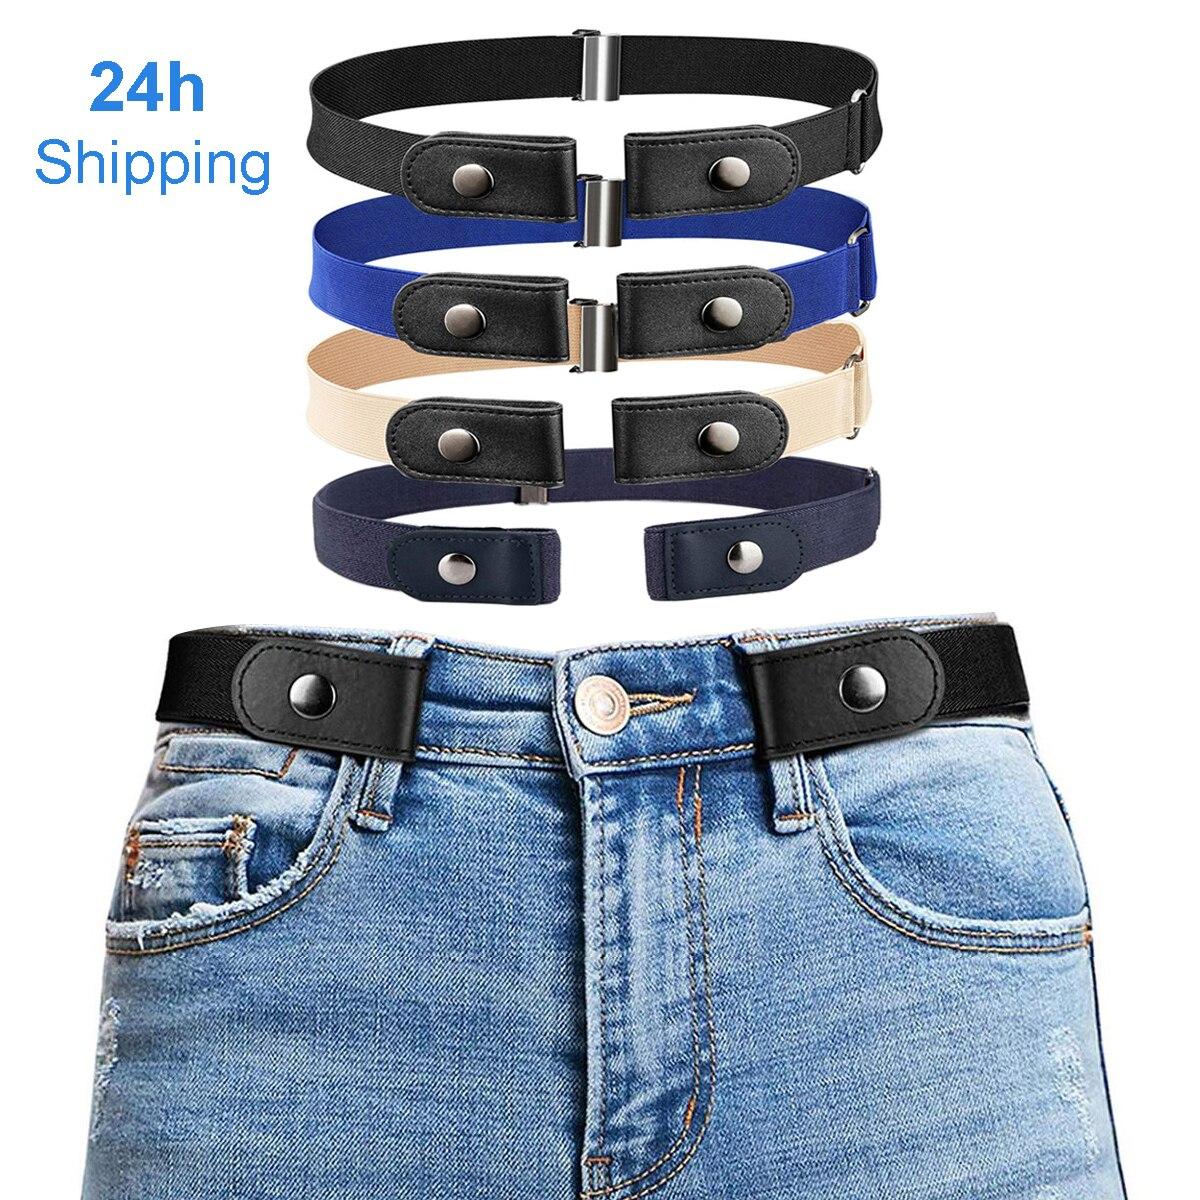 Cintos para mulher fivela-livre cintura calças de brim sem fivela estiramento elástico cinto para homem invisível cinto dropshipping